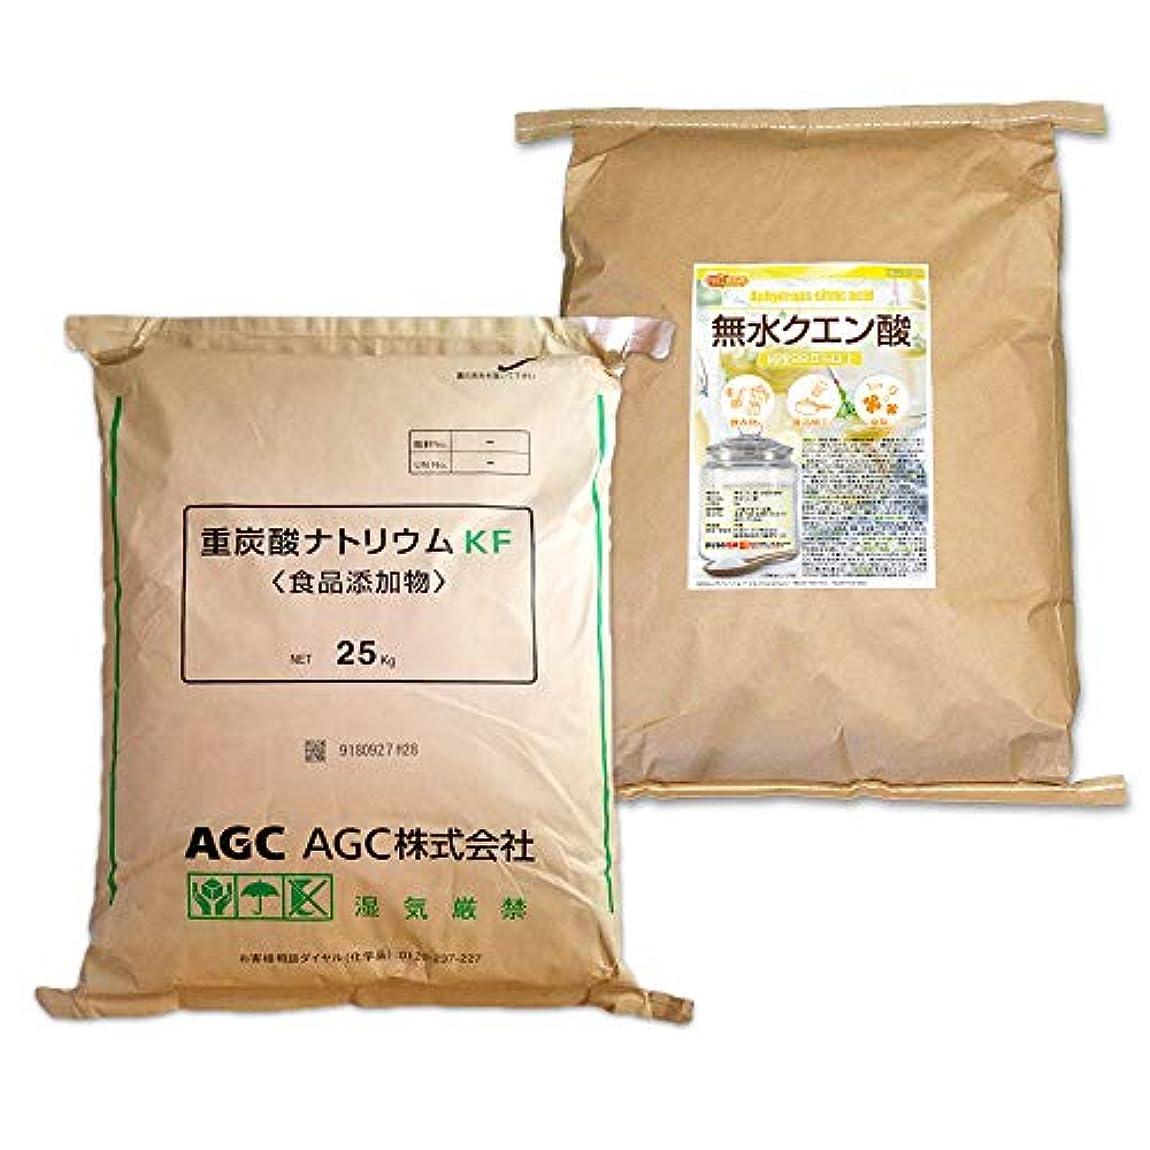 贅沢な知覚強いますAGC製 重曹 25kg + 無水 クエン酸 25kg セット [02] 【同梱不可】NICHIGA(ニチガ)